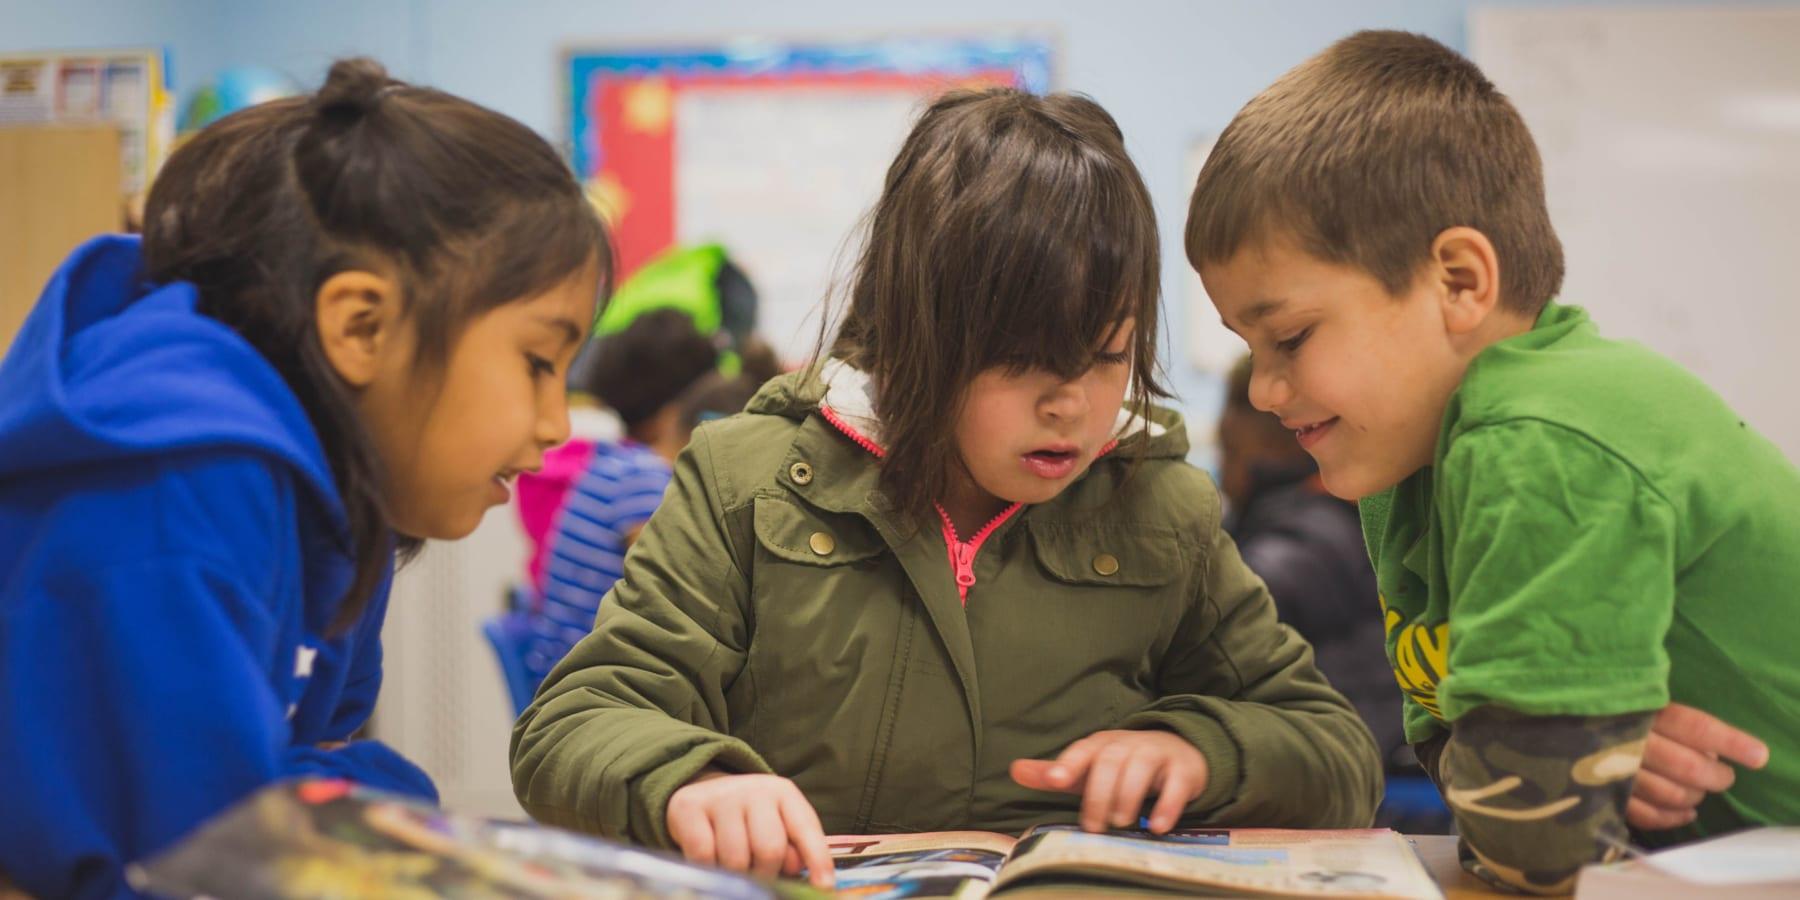 教育から生活まで包括的なサポートを。ホームレスの子どものための学校